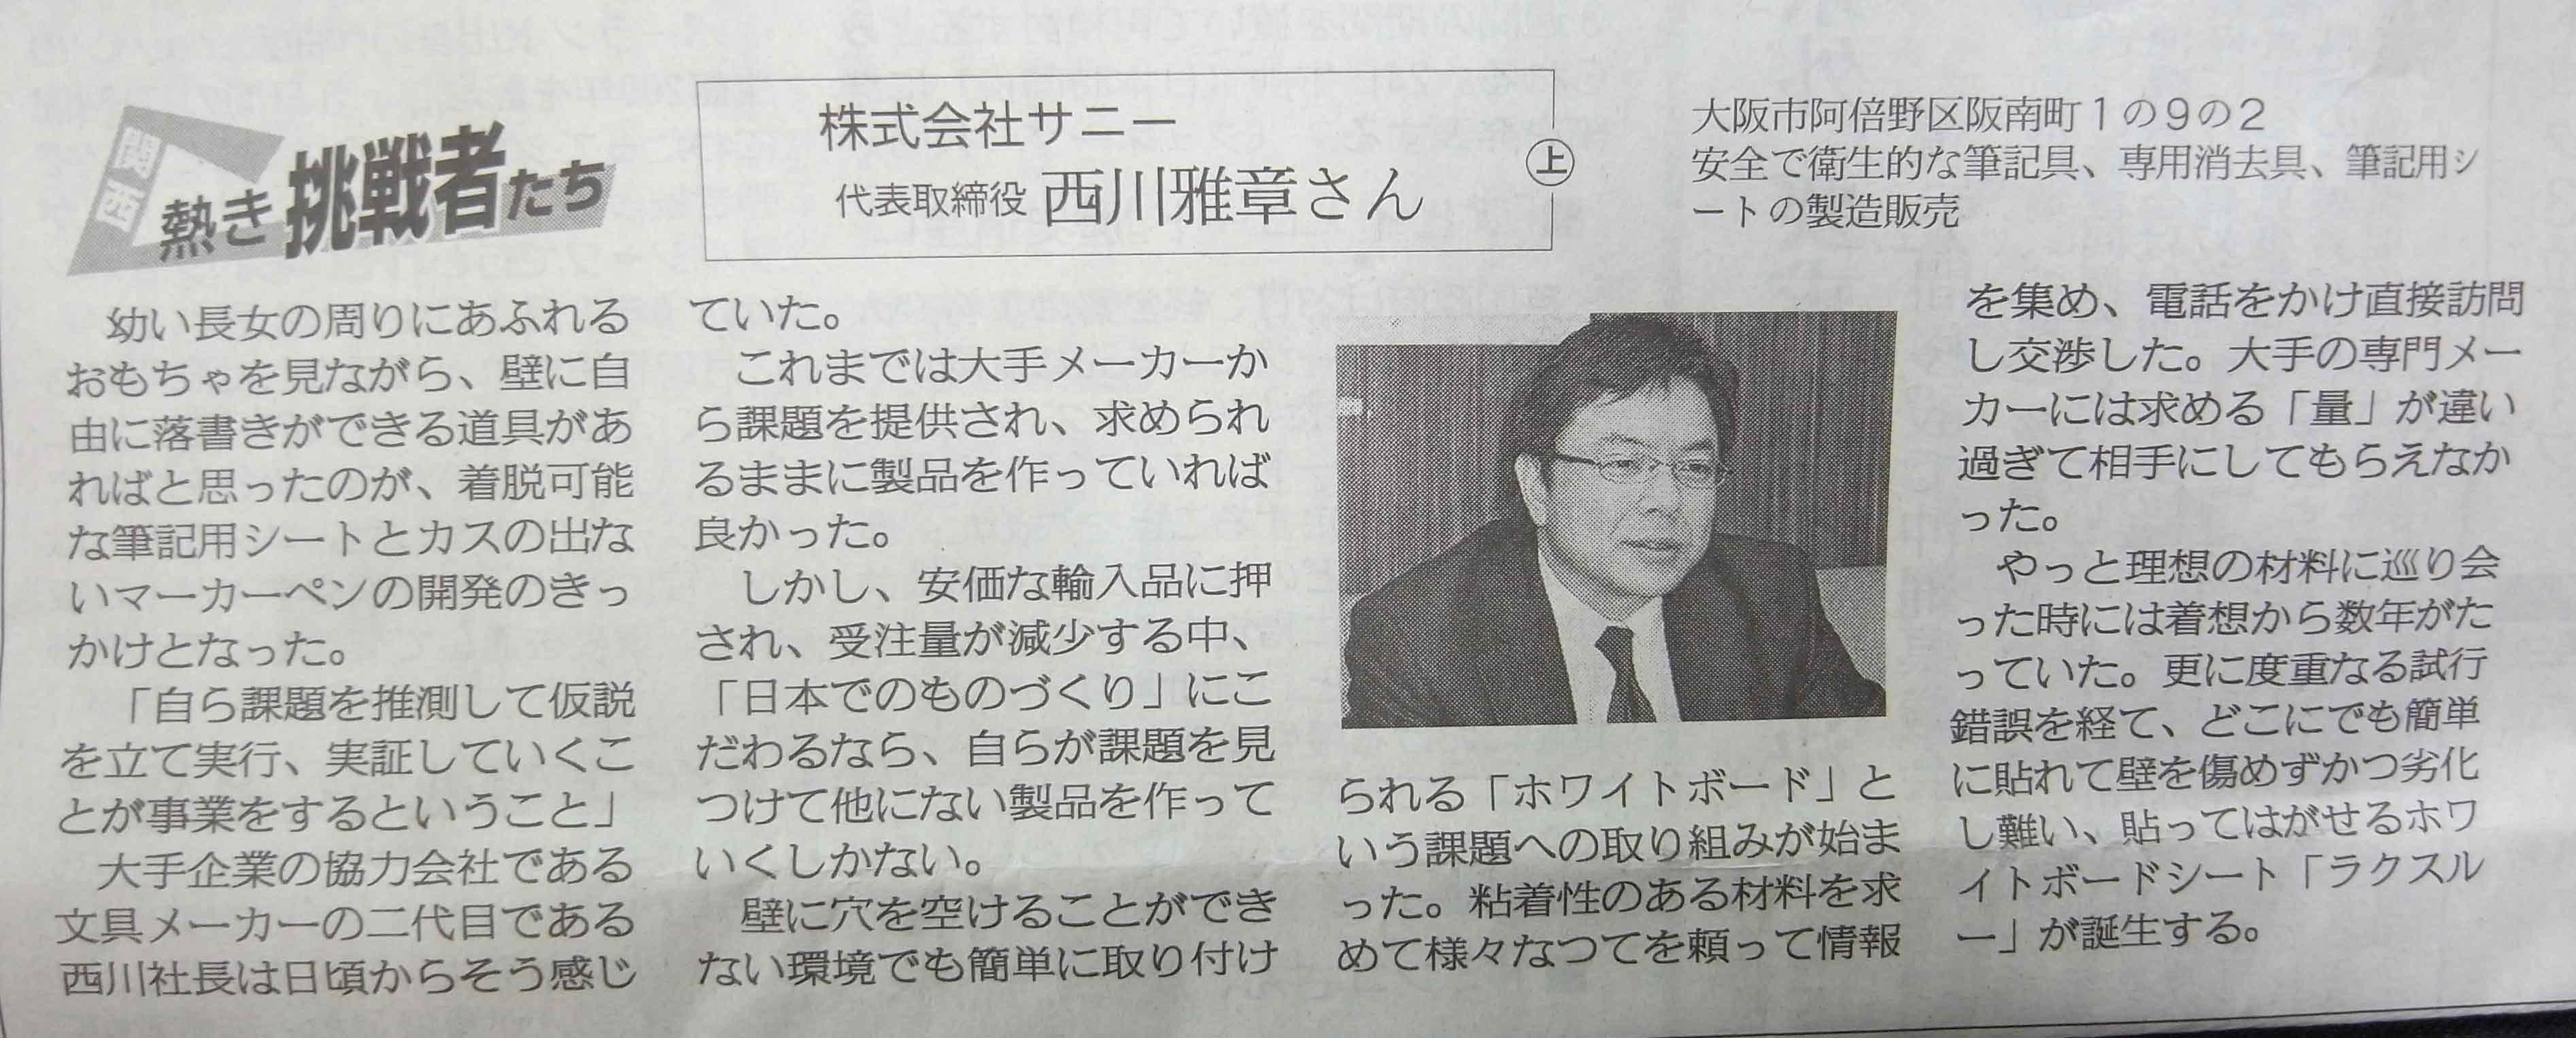 産経新聞 2010.2.24 サニー